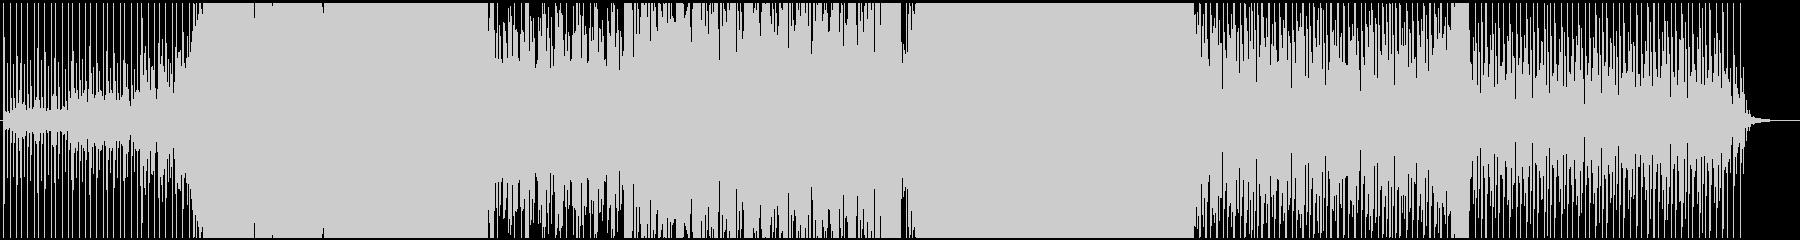 かっこいいドラムンベースの未再生の波形